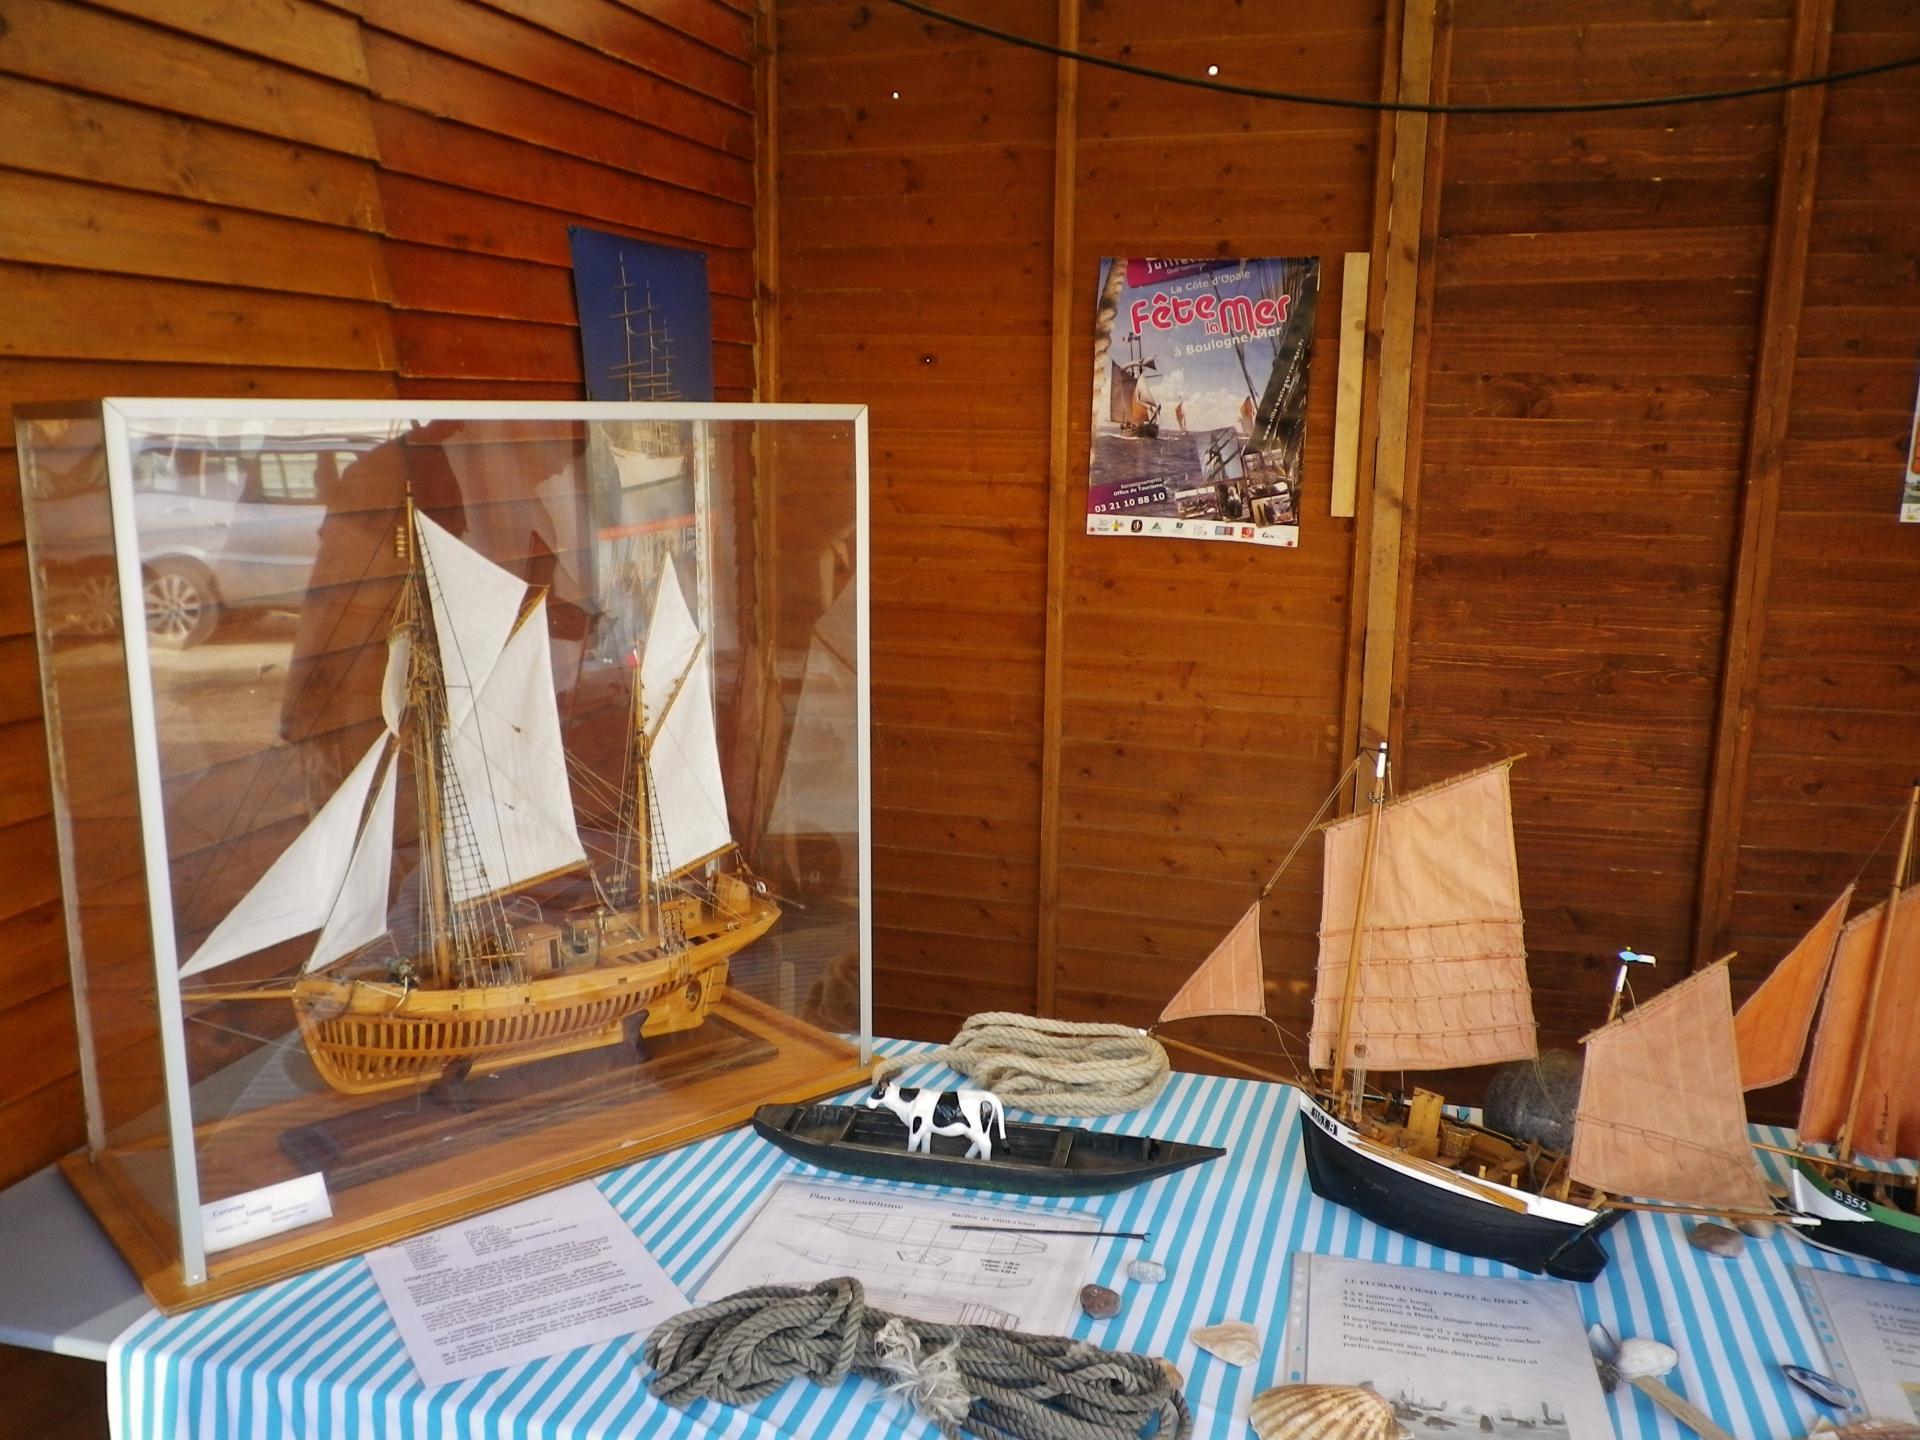 Etaples fete du hareng maquette de bateau